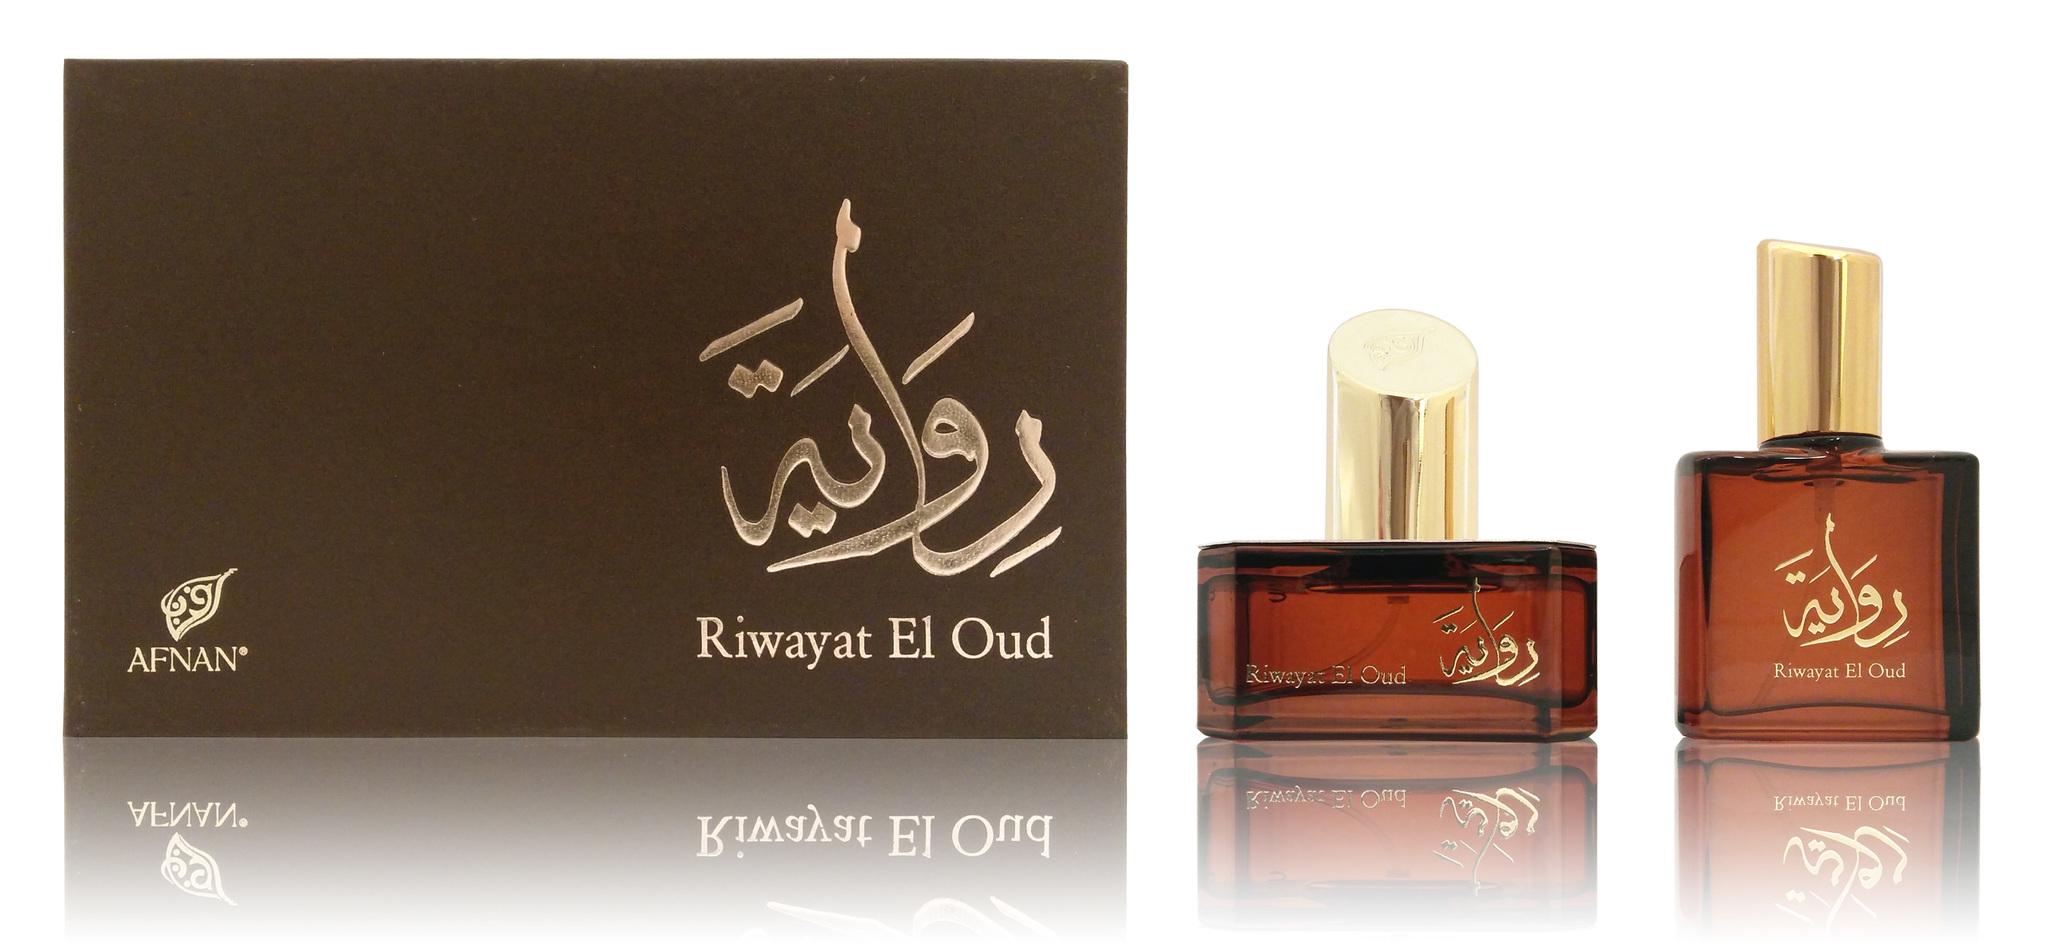 Riwayat El Oud u EDP 50+20 ML спрей от Афнан Парфюм Afnan Perfumes